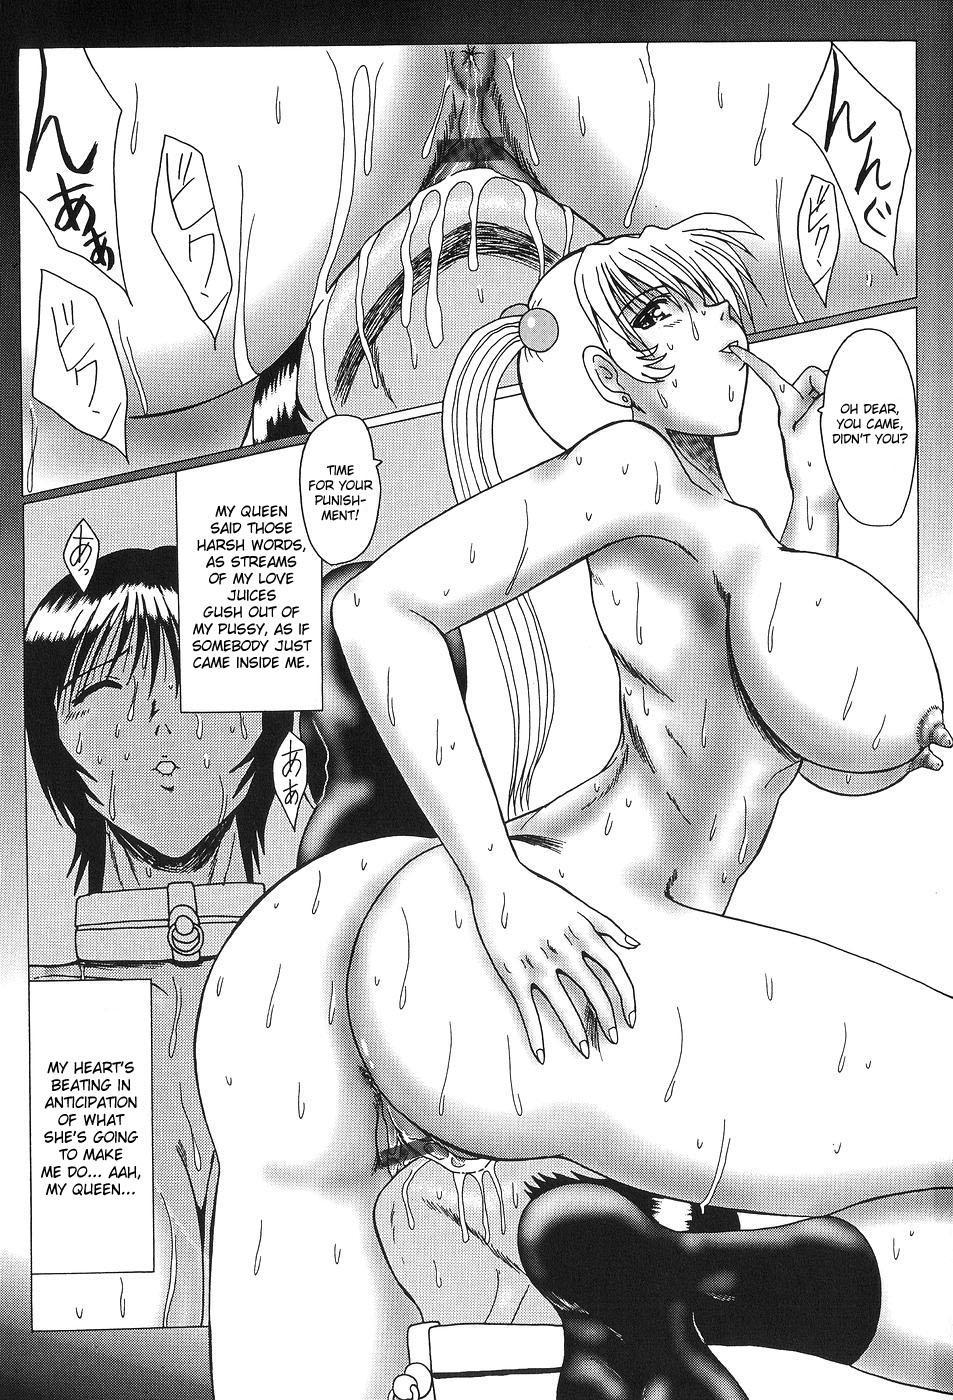 [Onibara] Roshutsu Mazo to Nikutai Joousama - Queen & Slave Ch. 1-5 [English] [desudesu] 75